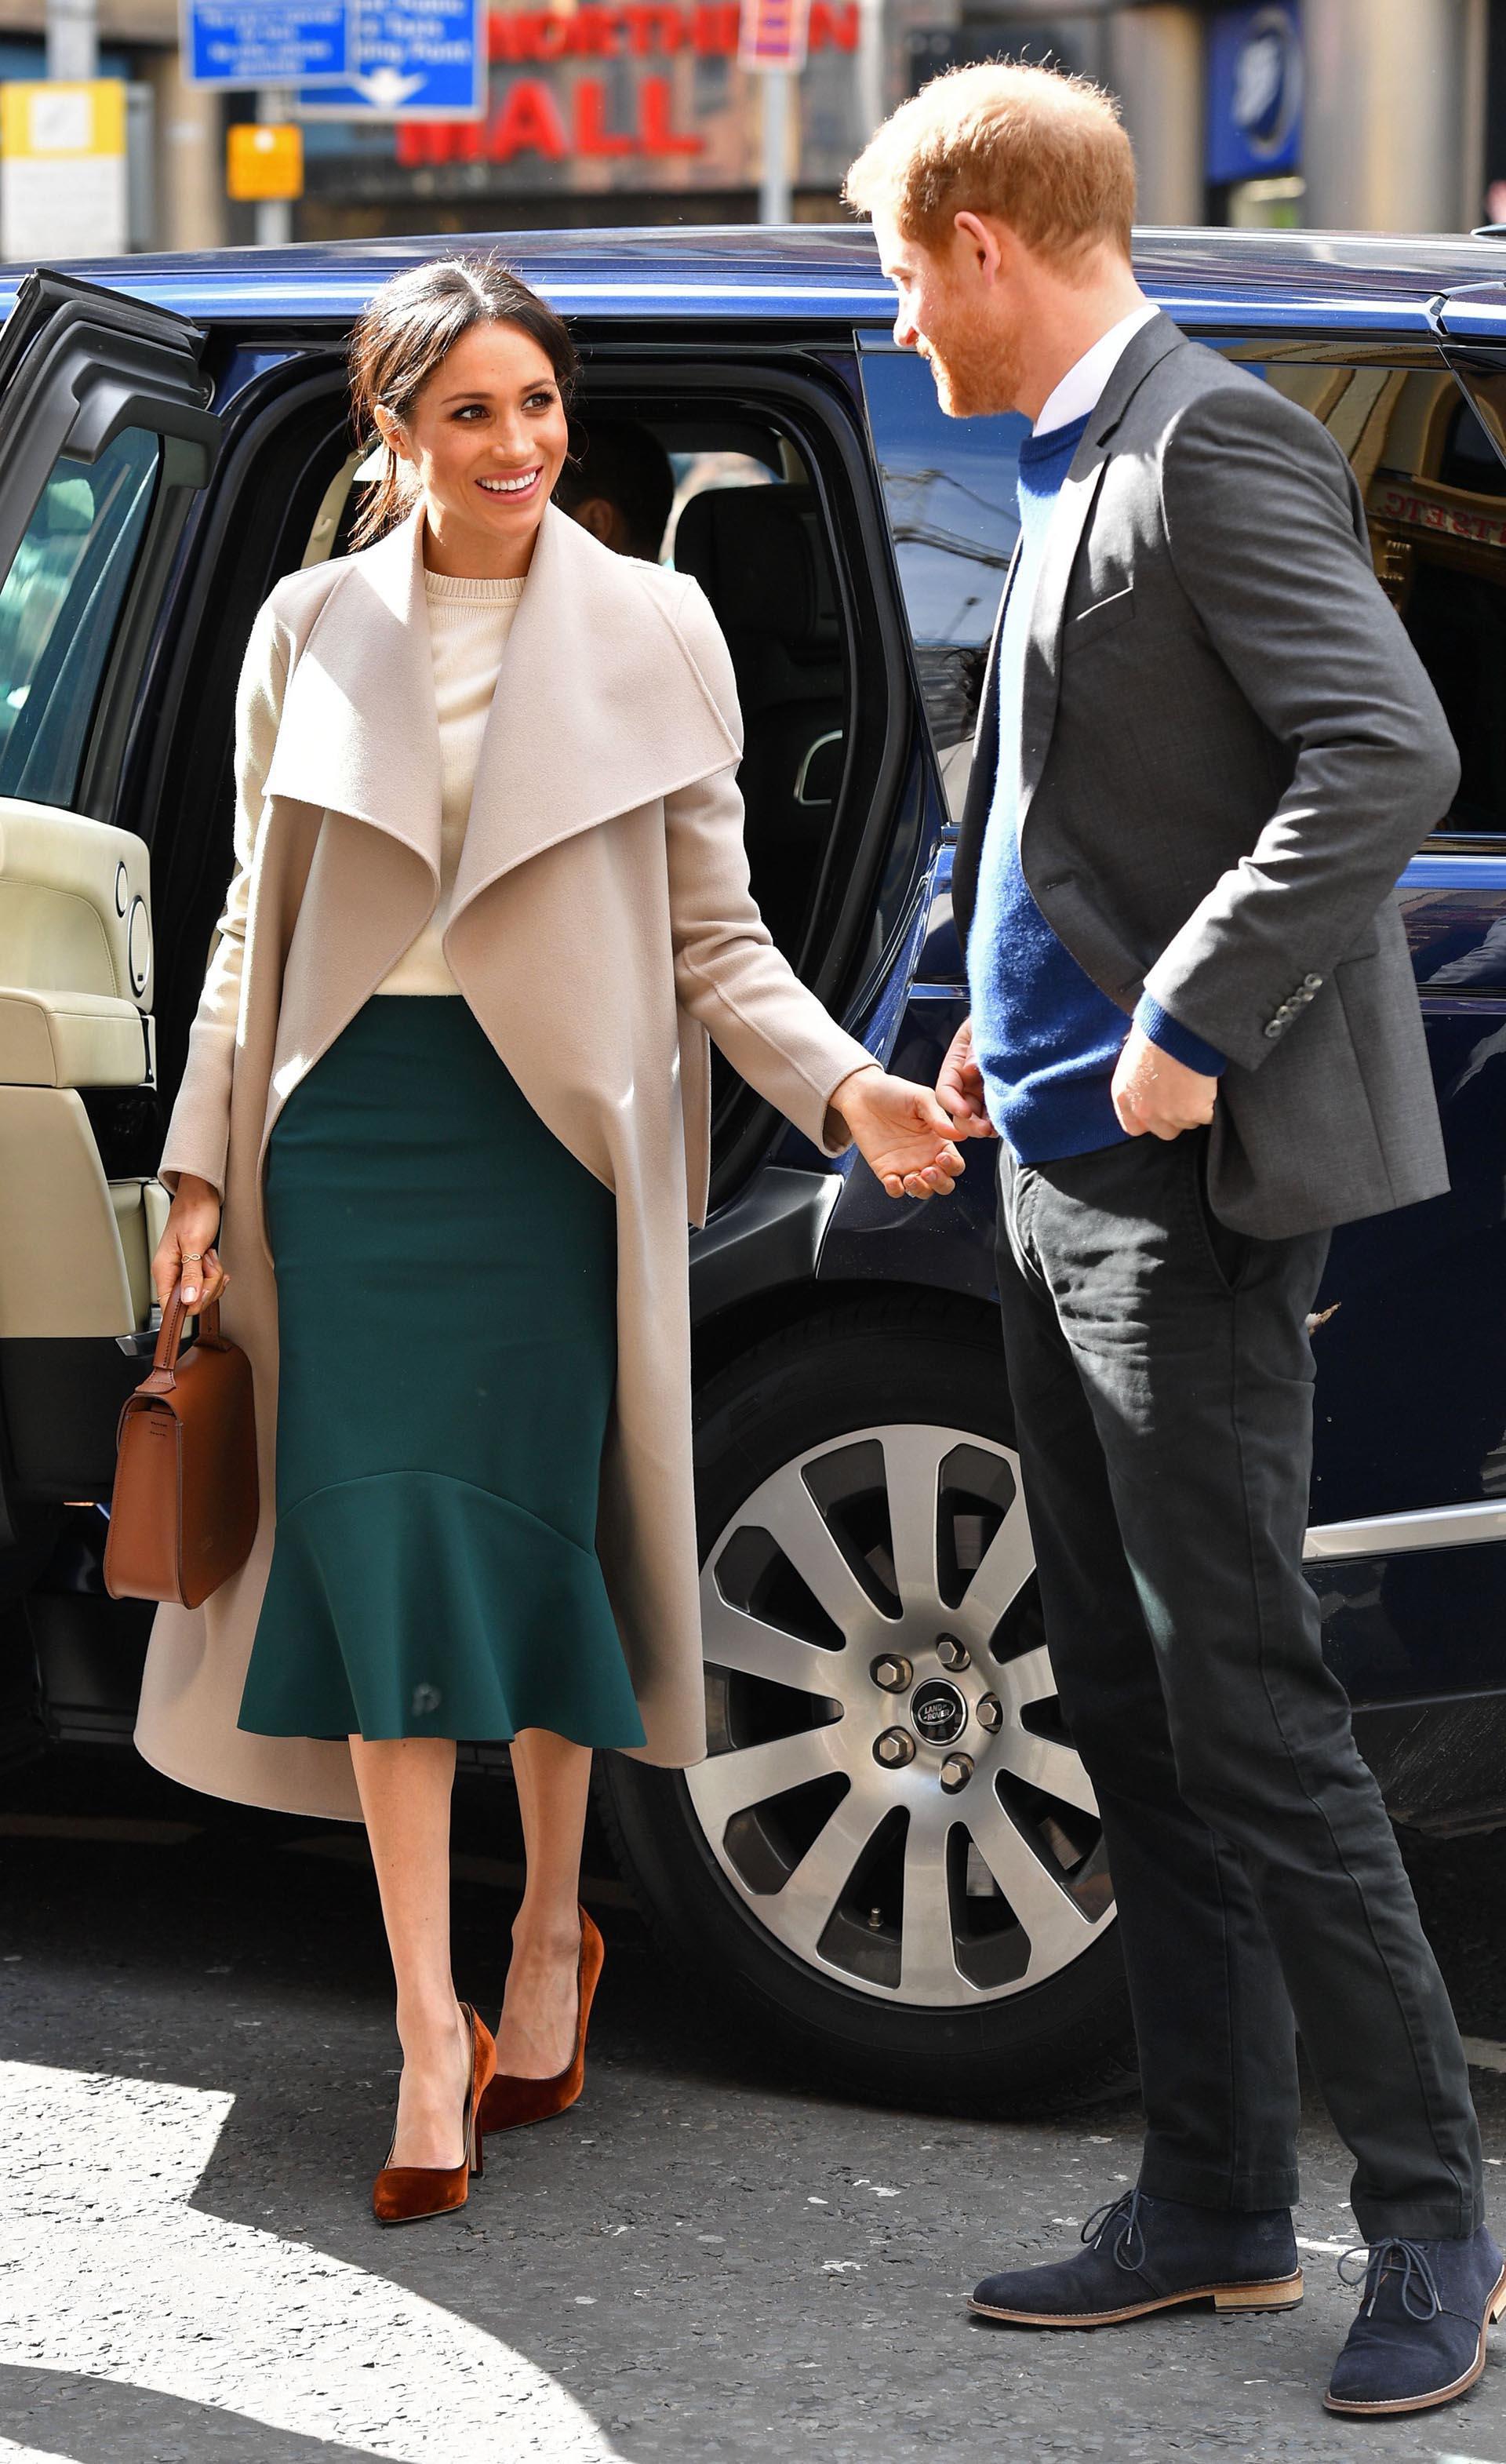 Ella estuvo divertida y no le intimidó el hecho de que se tratara del príncipe Harry. A él le pareció ´una chica increíble'